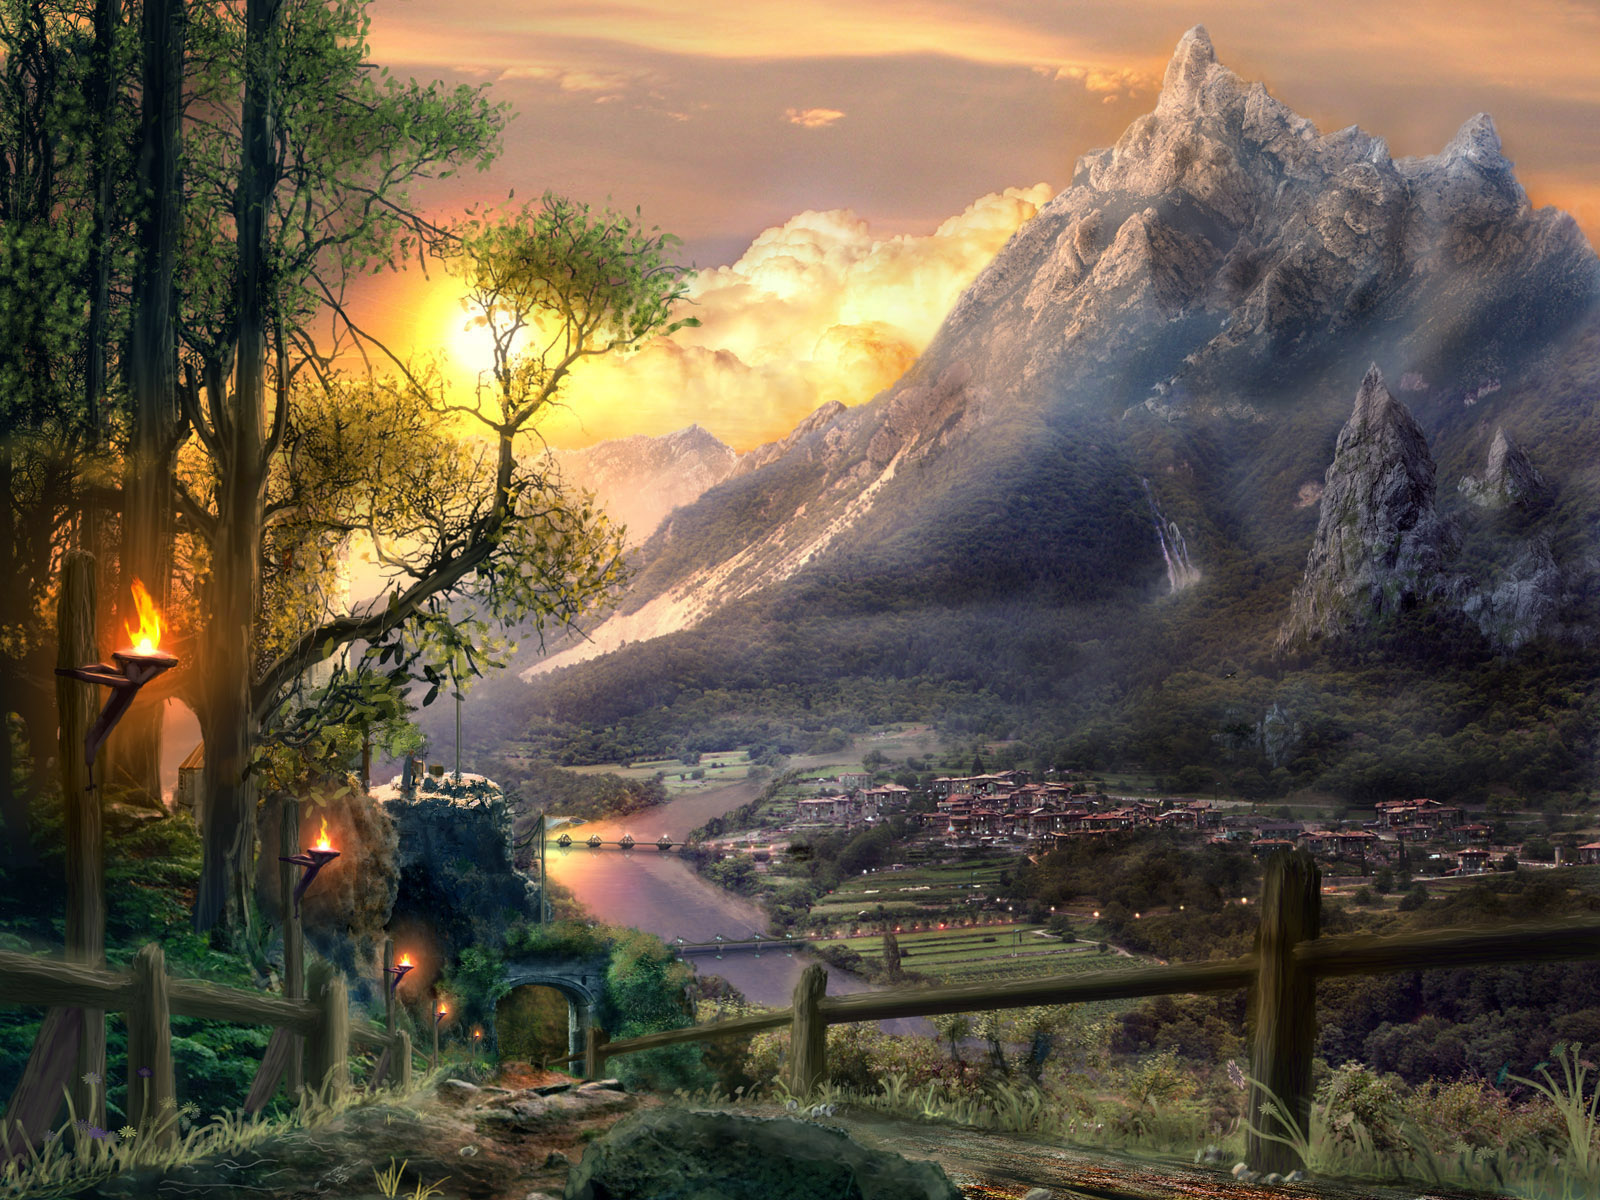 Фантастические сказочные миры картинки